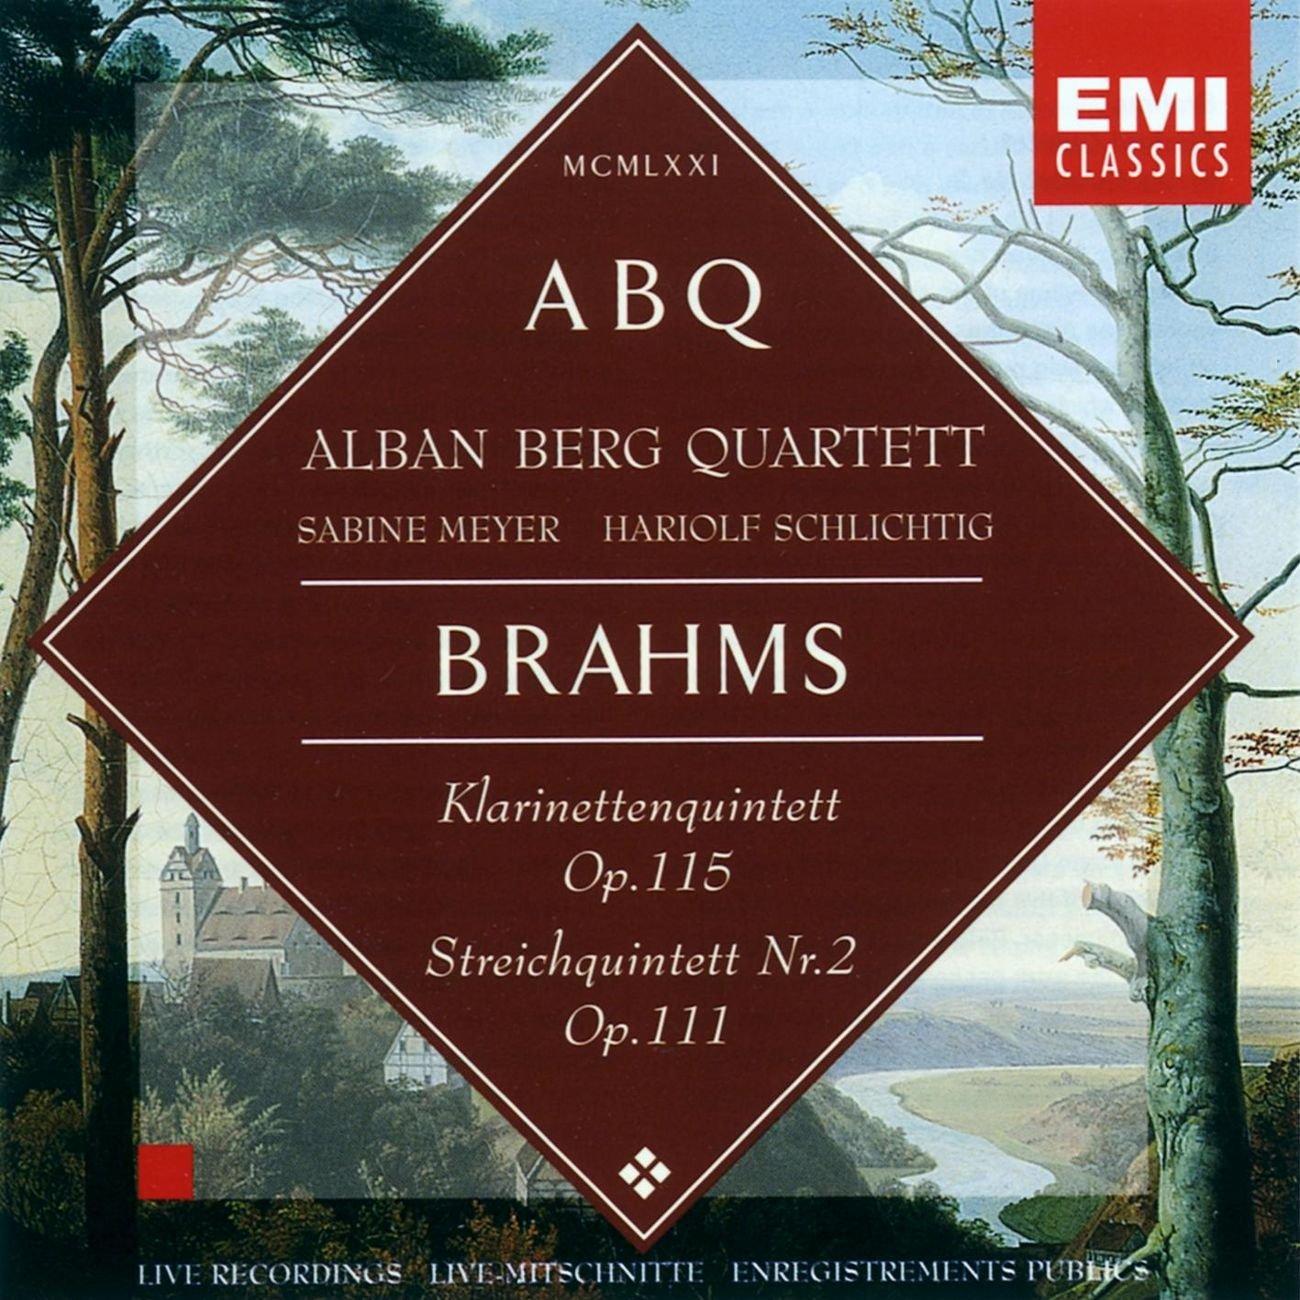 La musique de chambre de BRAHMS - Page 7 81j8p27srAL._SL1300_